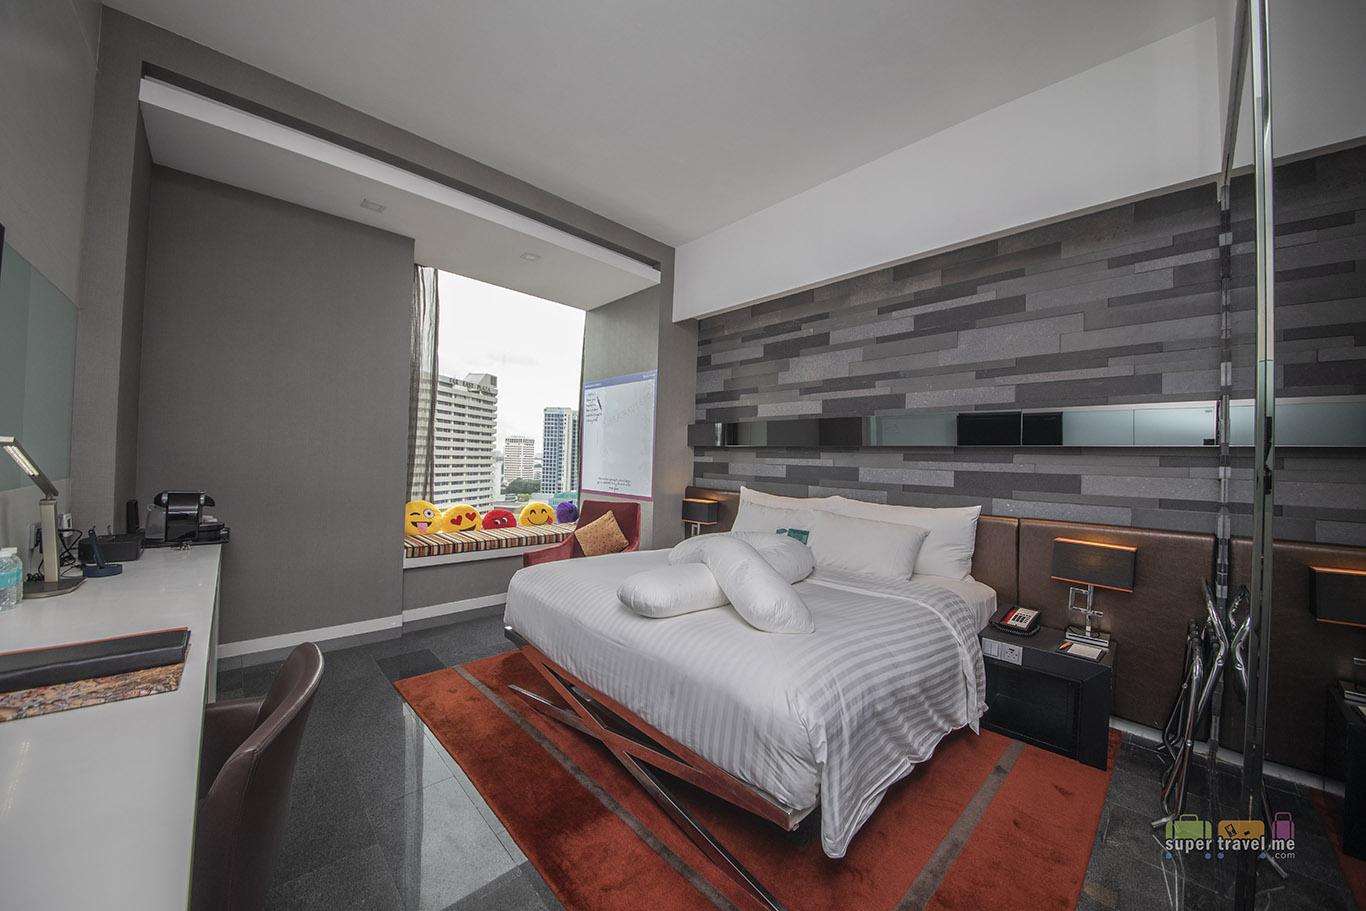 Studio Deluxe Room in The Quincy Hotel Singapore - Room 1301